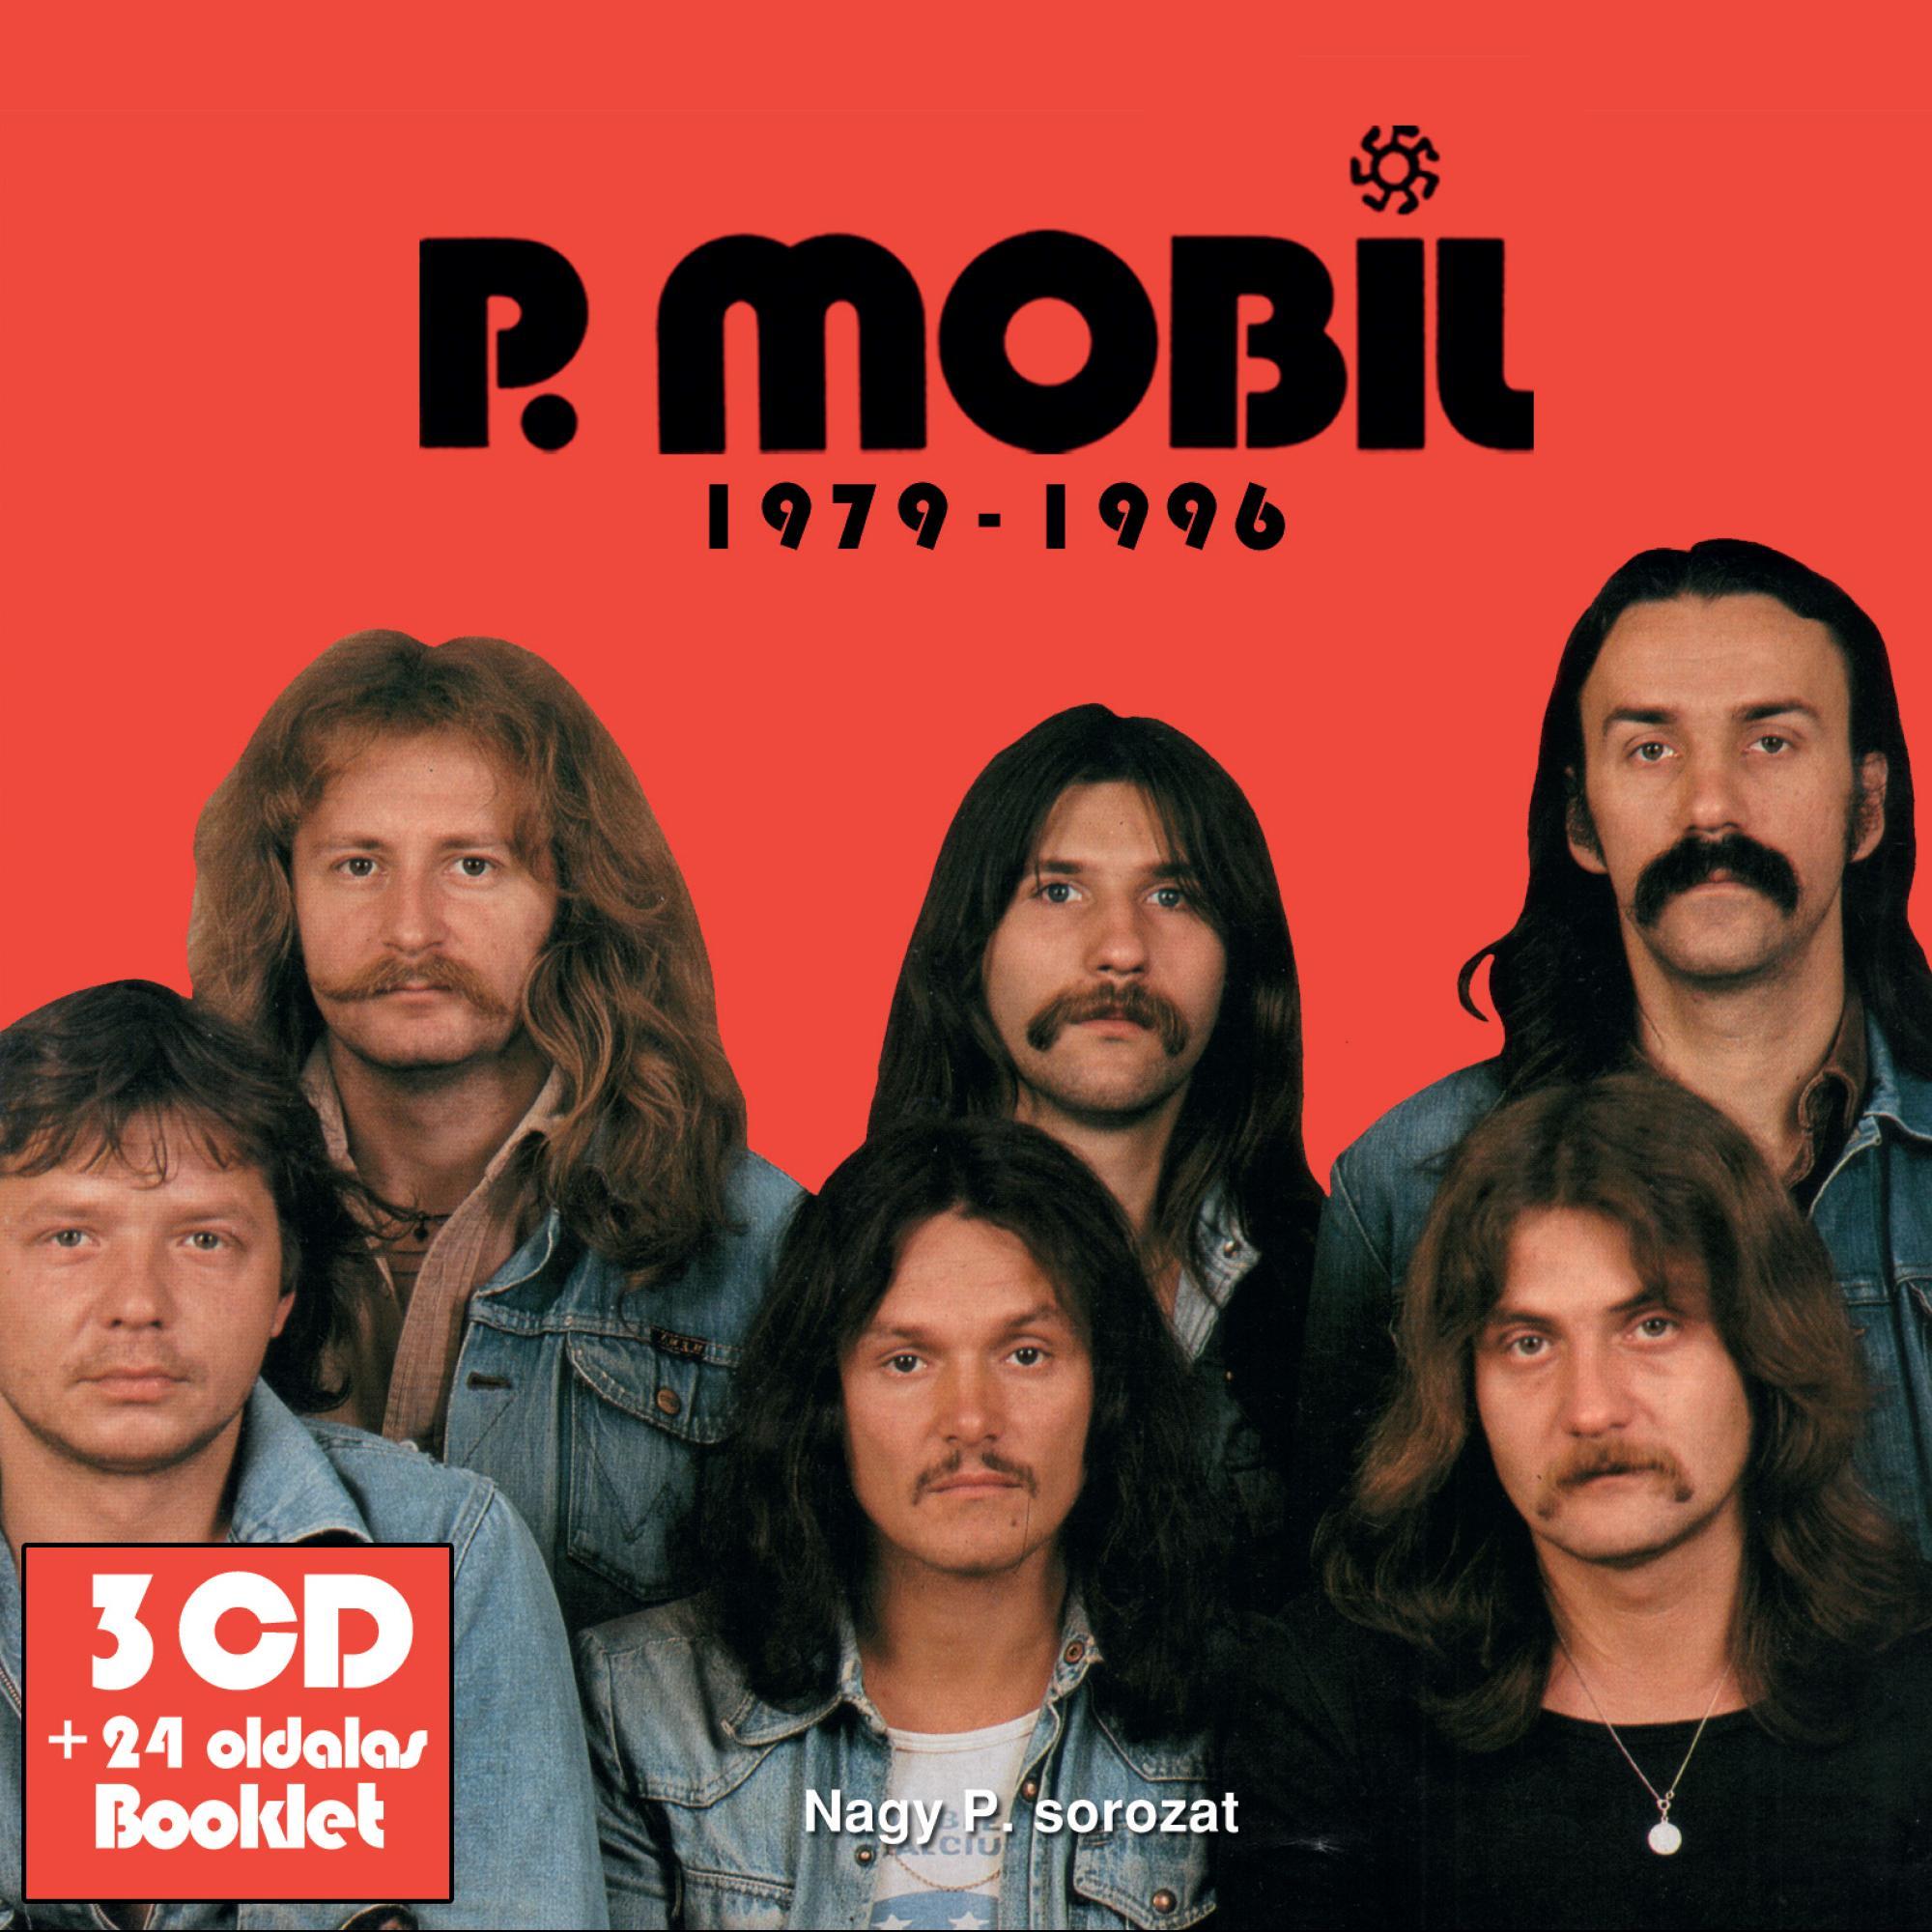 - P.MOBIL 1979-1996 - 3CD -